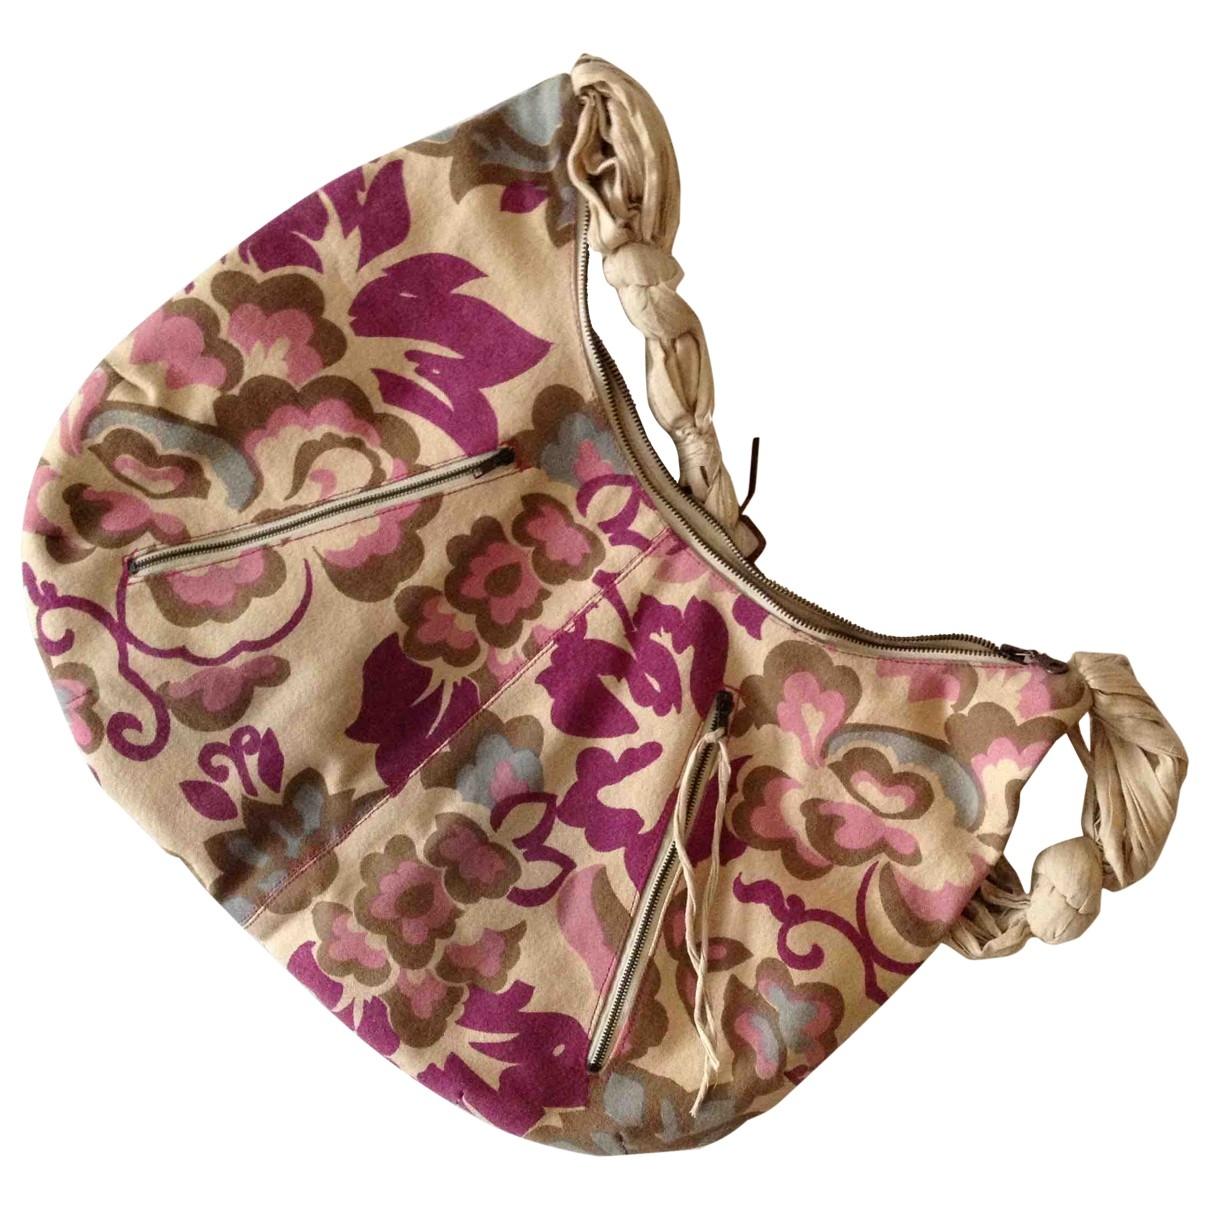 Mochila Antik Batik